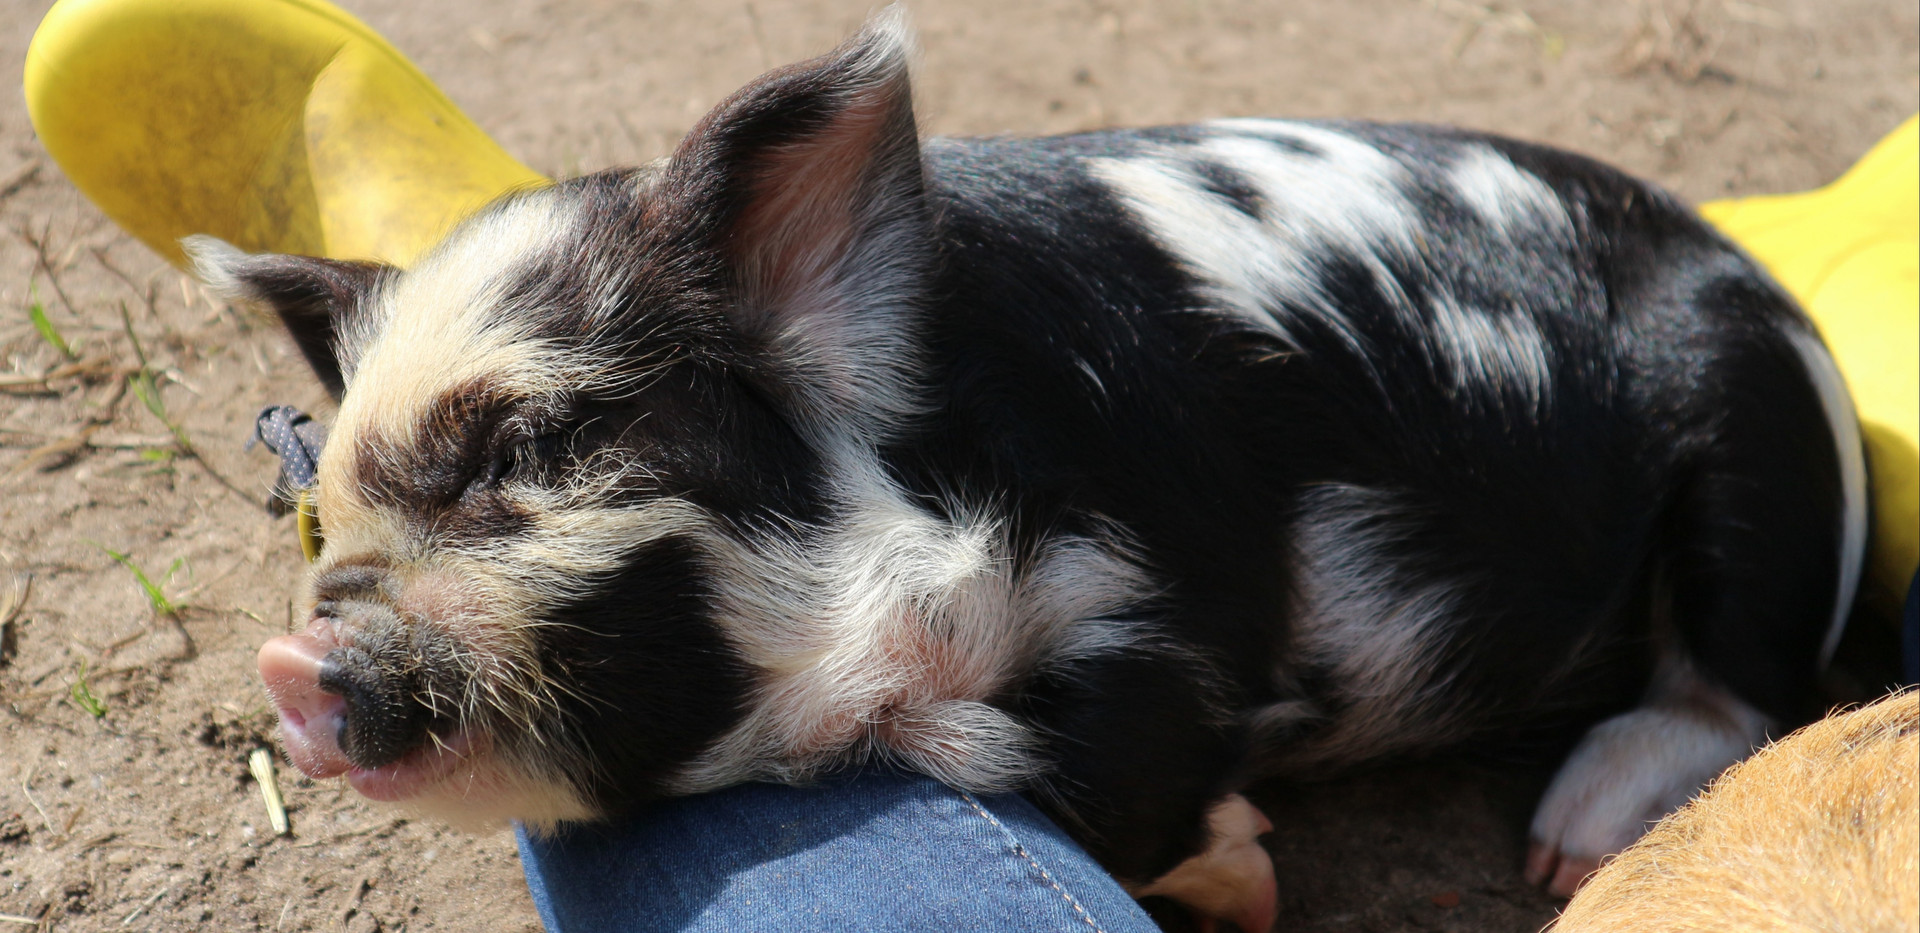 Dit poppie gaat Puk heten bij de nieuwe eigenaars (Arne en Hester). Precies de goede naam voor haar! 6,5 week oud